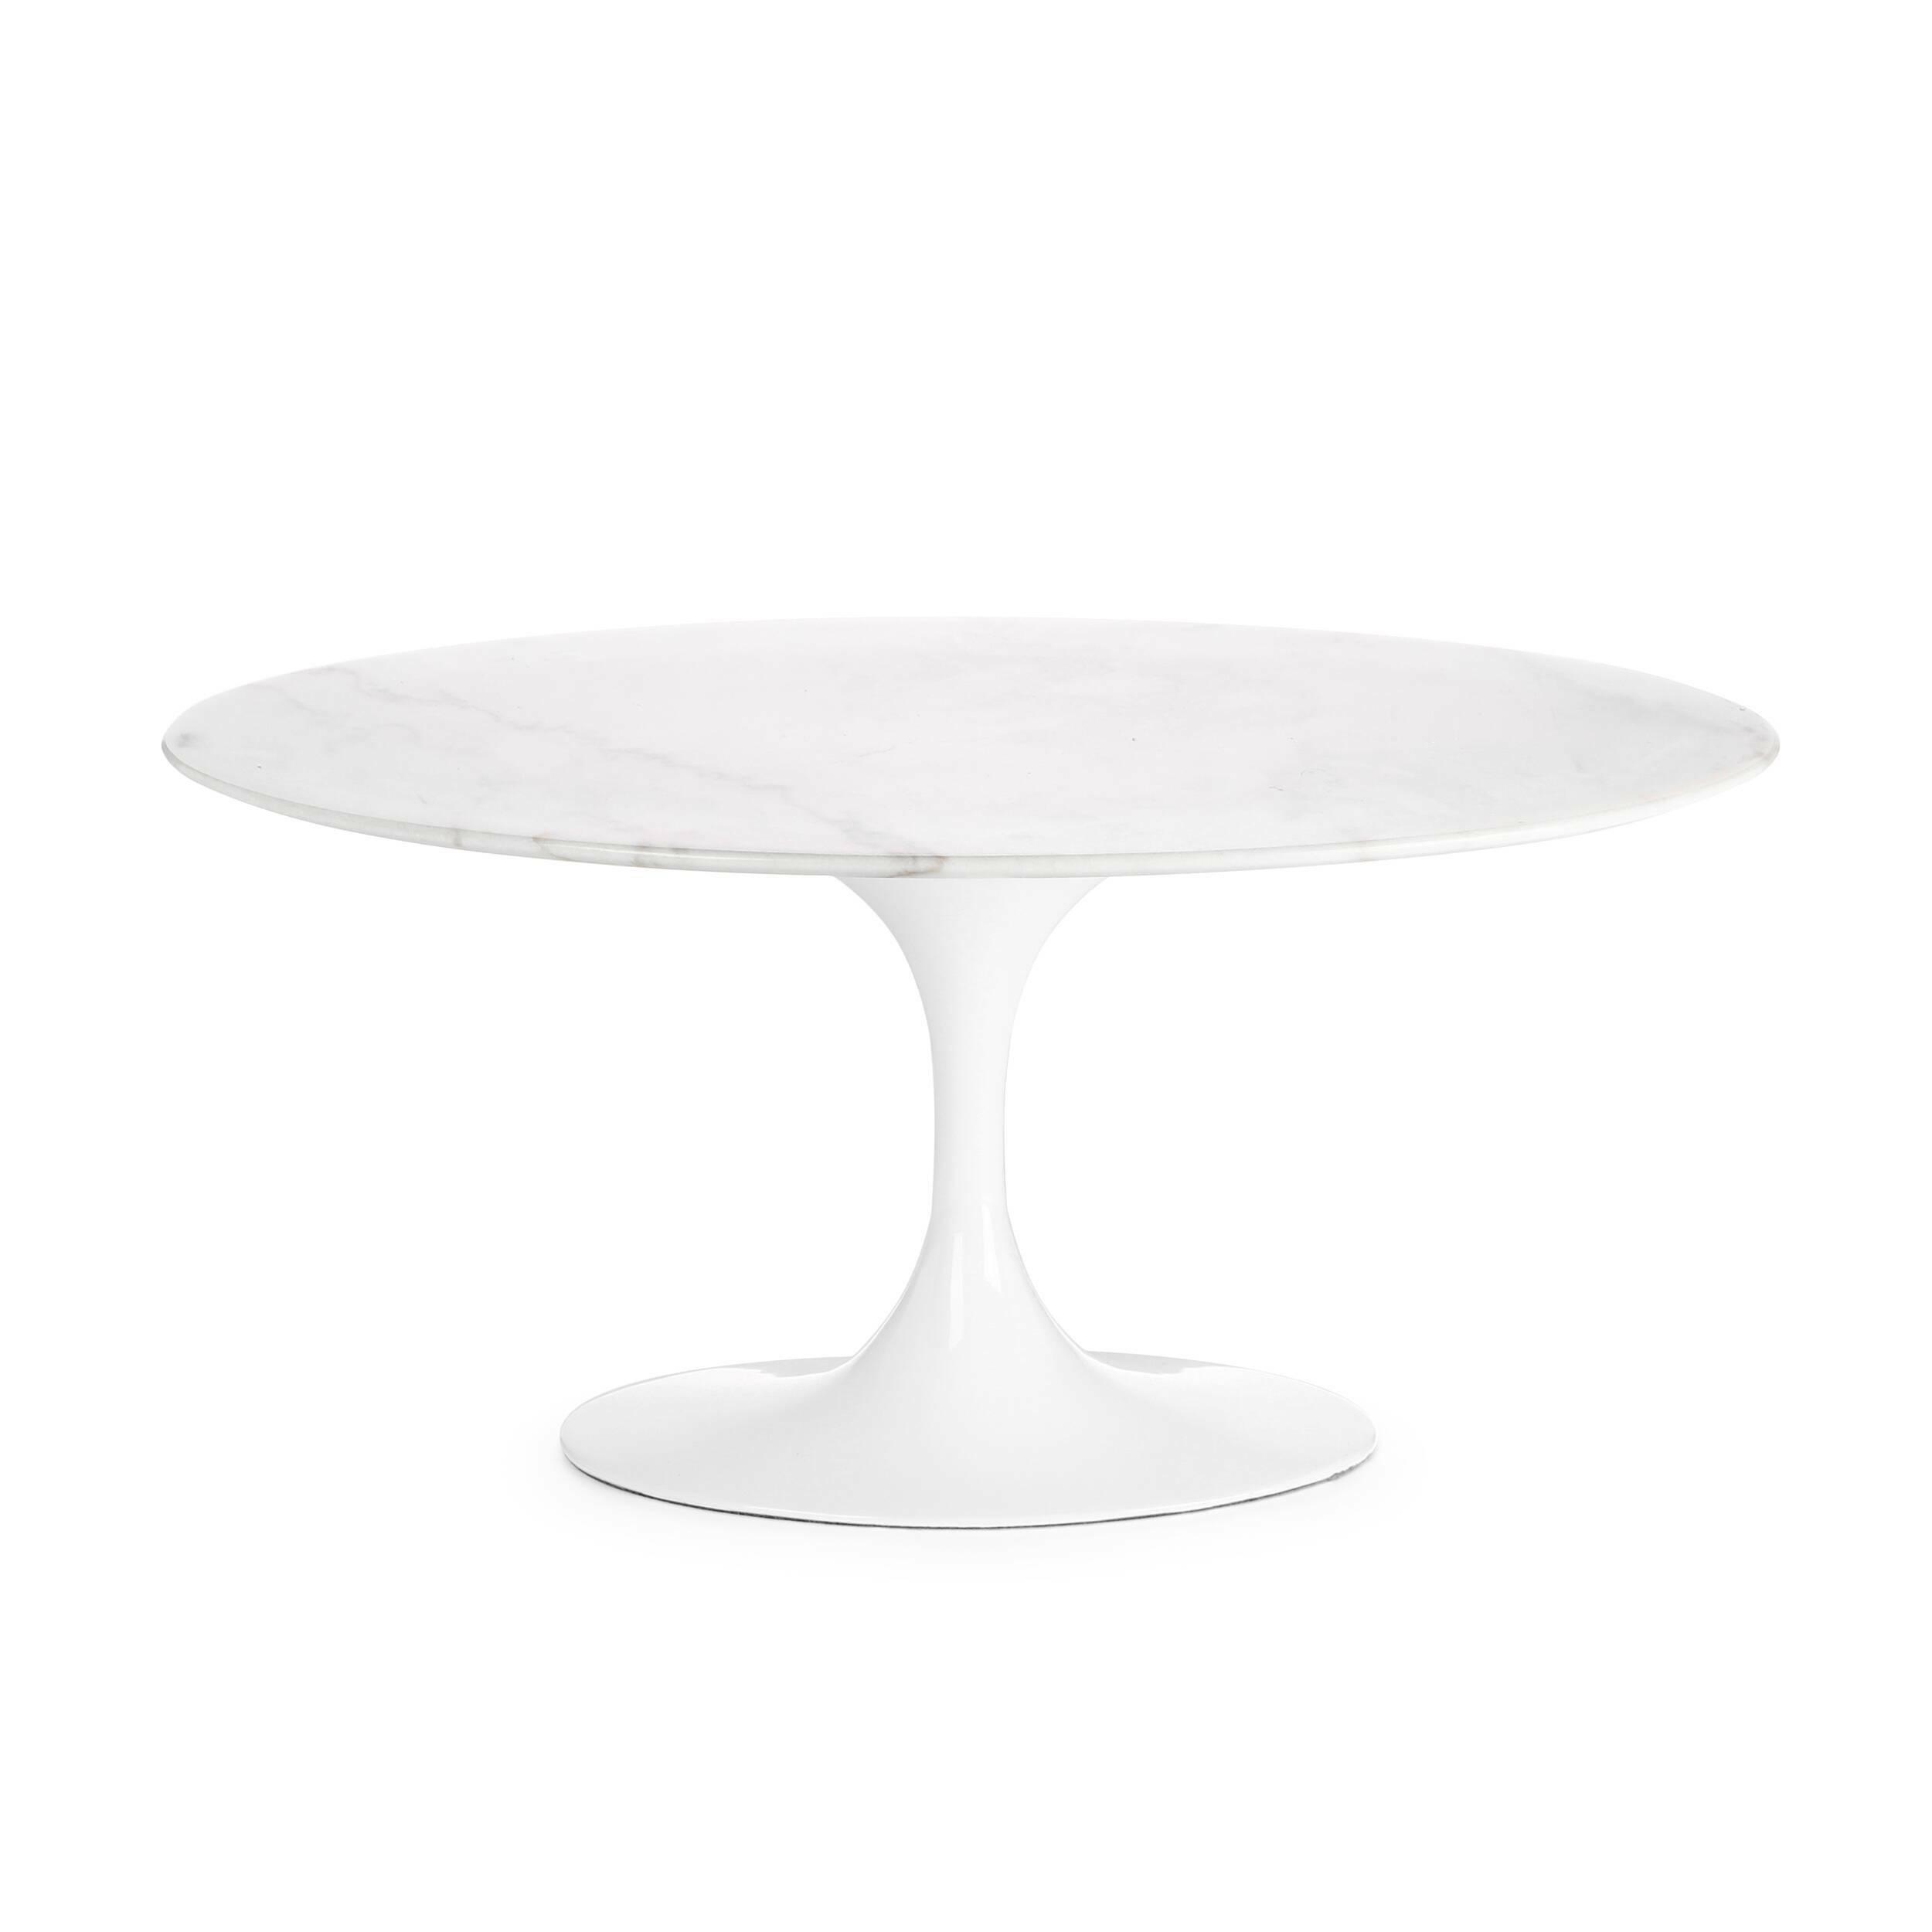 Кофейный стол Tulip с мраморной столешницей высота 41Кофейные столики<br>Дизайнерский белый круглый кофейный стол Tulip (Тьюлеп) с высотой 41 см на одной ножке от Cosmo (Космо).<br><br><br> Ээро Сааринен — крупный представитель американских архитекторов и промышленных дизайнеров. В ходе собственных экспериментов Ээро сформировал собственный неофутуристический стиль. В его направлении преобладает простота и широта структурных кривых. Настоящей находкой архитектора в создании мебели стала модель Tulip («тюльпан») — кресла и столы на одной опоре.<br><br><br> Кофейный стол Tul...<br><br>stock: 0<br>Высота: 41<br>Ширина: 55<br>Длина: 90<br>Цвет ножек: Белый глянец<br>Цвет столешницы: Белый<br>Материал столешницы: Мрамор китайский<br>Тип материала столешницы: Мрамор<br>Тип материала ножек: Алюминий